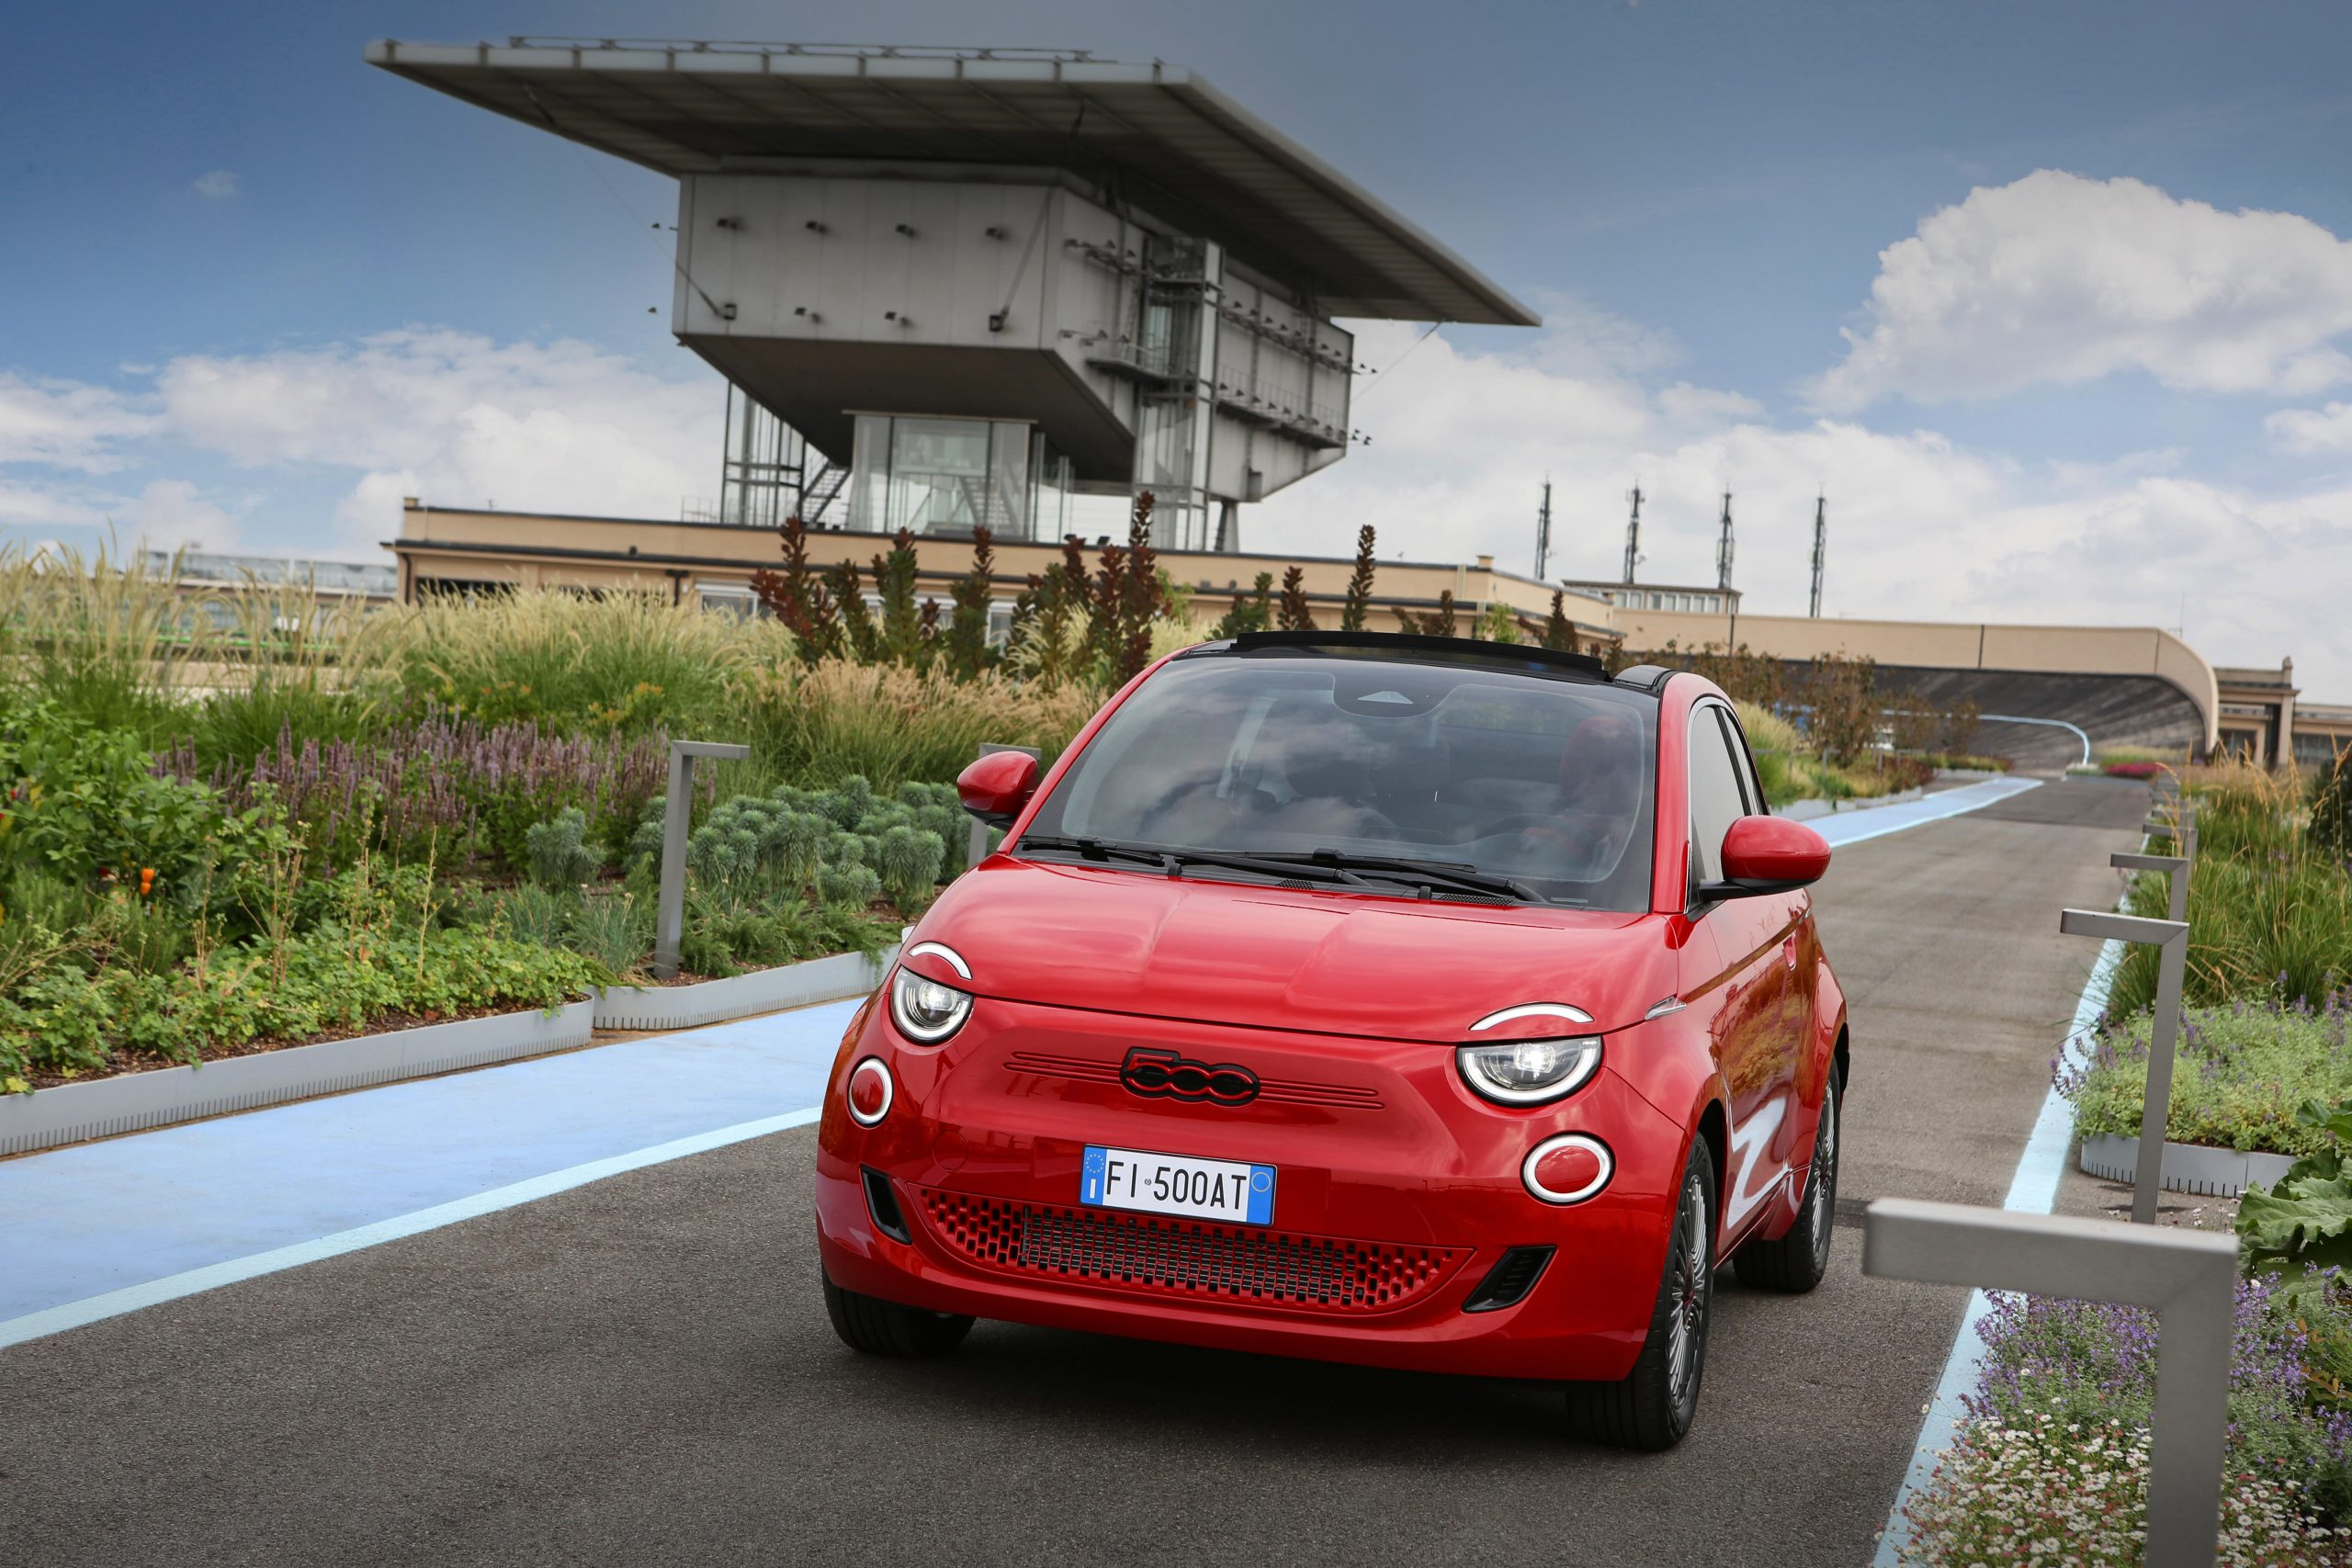 Nuova Fiat (500) RED, la famiglia 500 si colora di rosso.